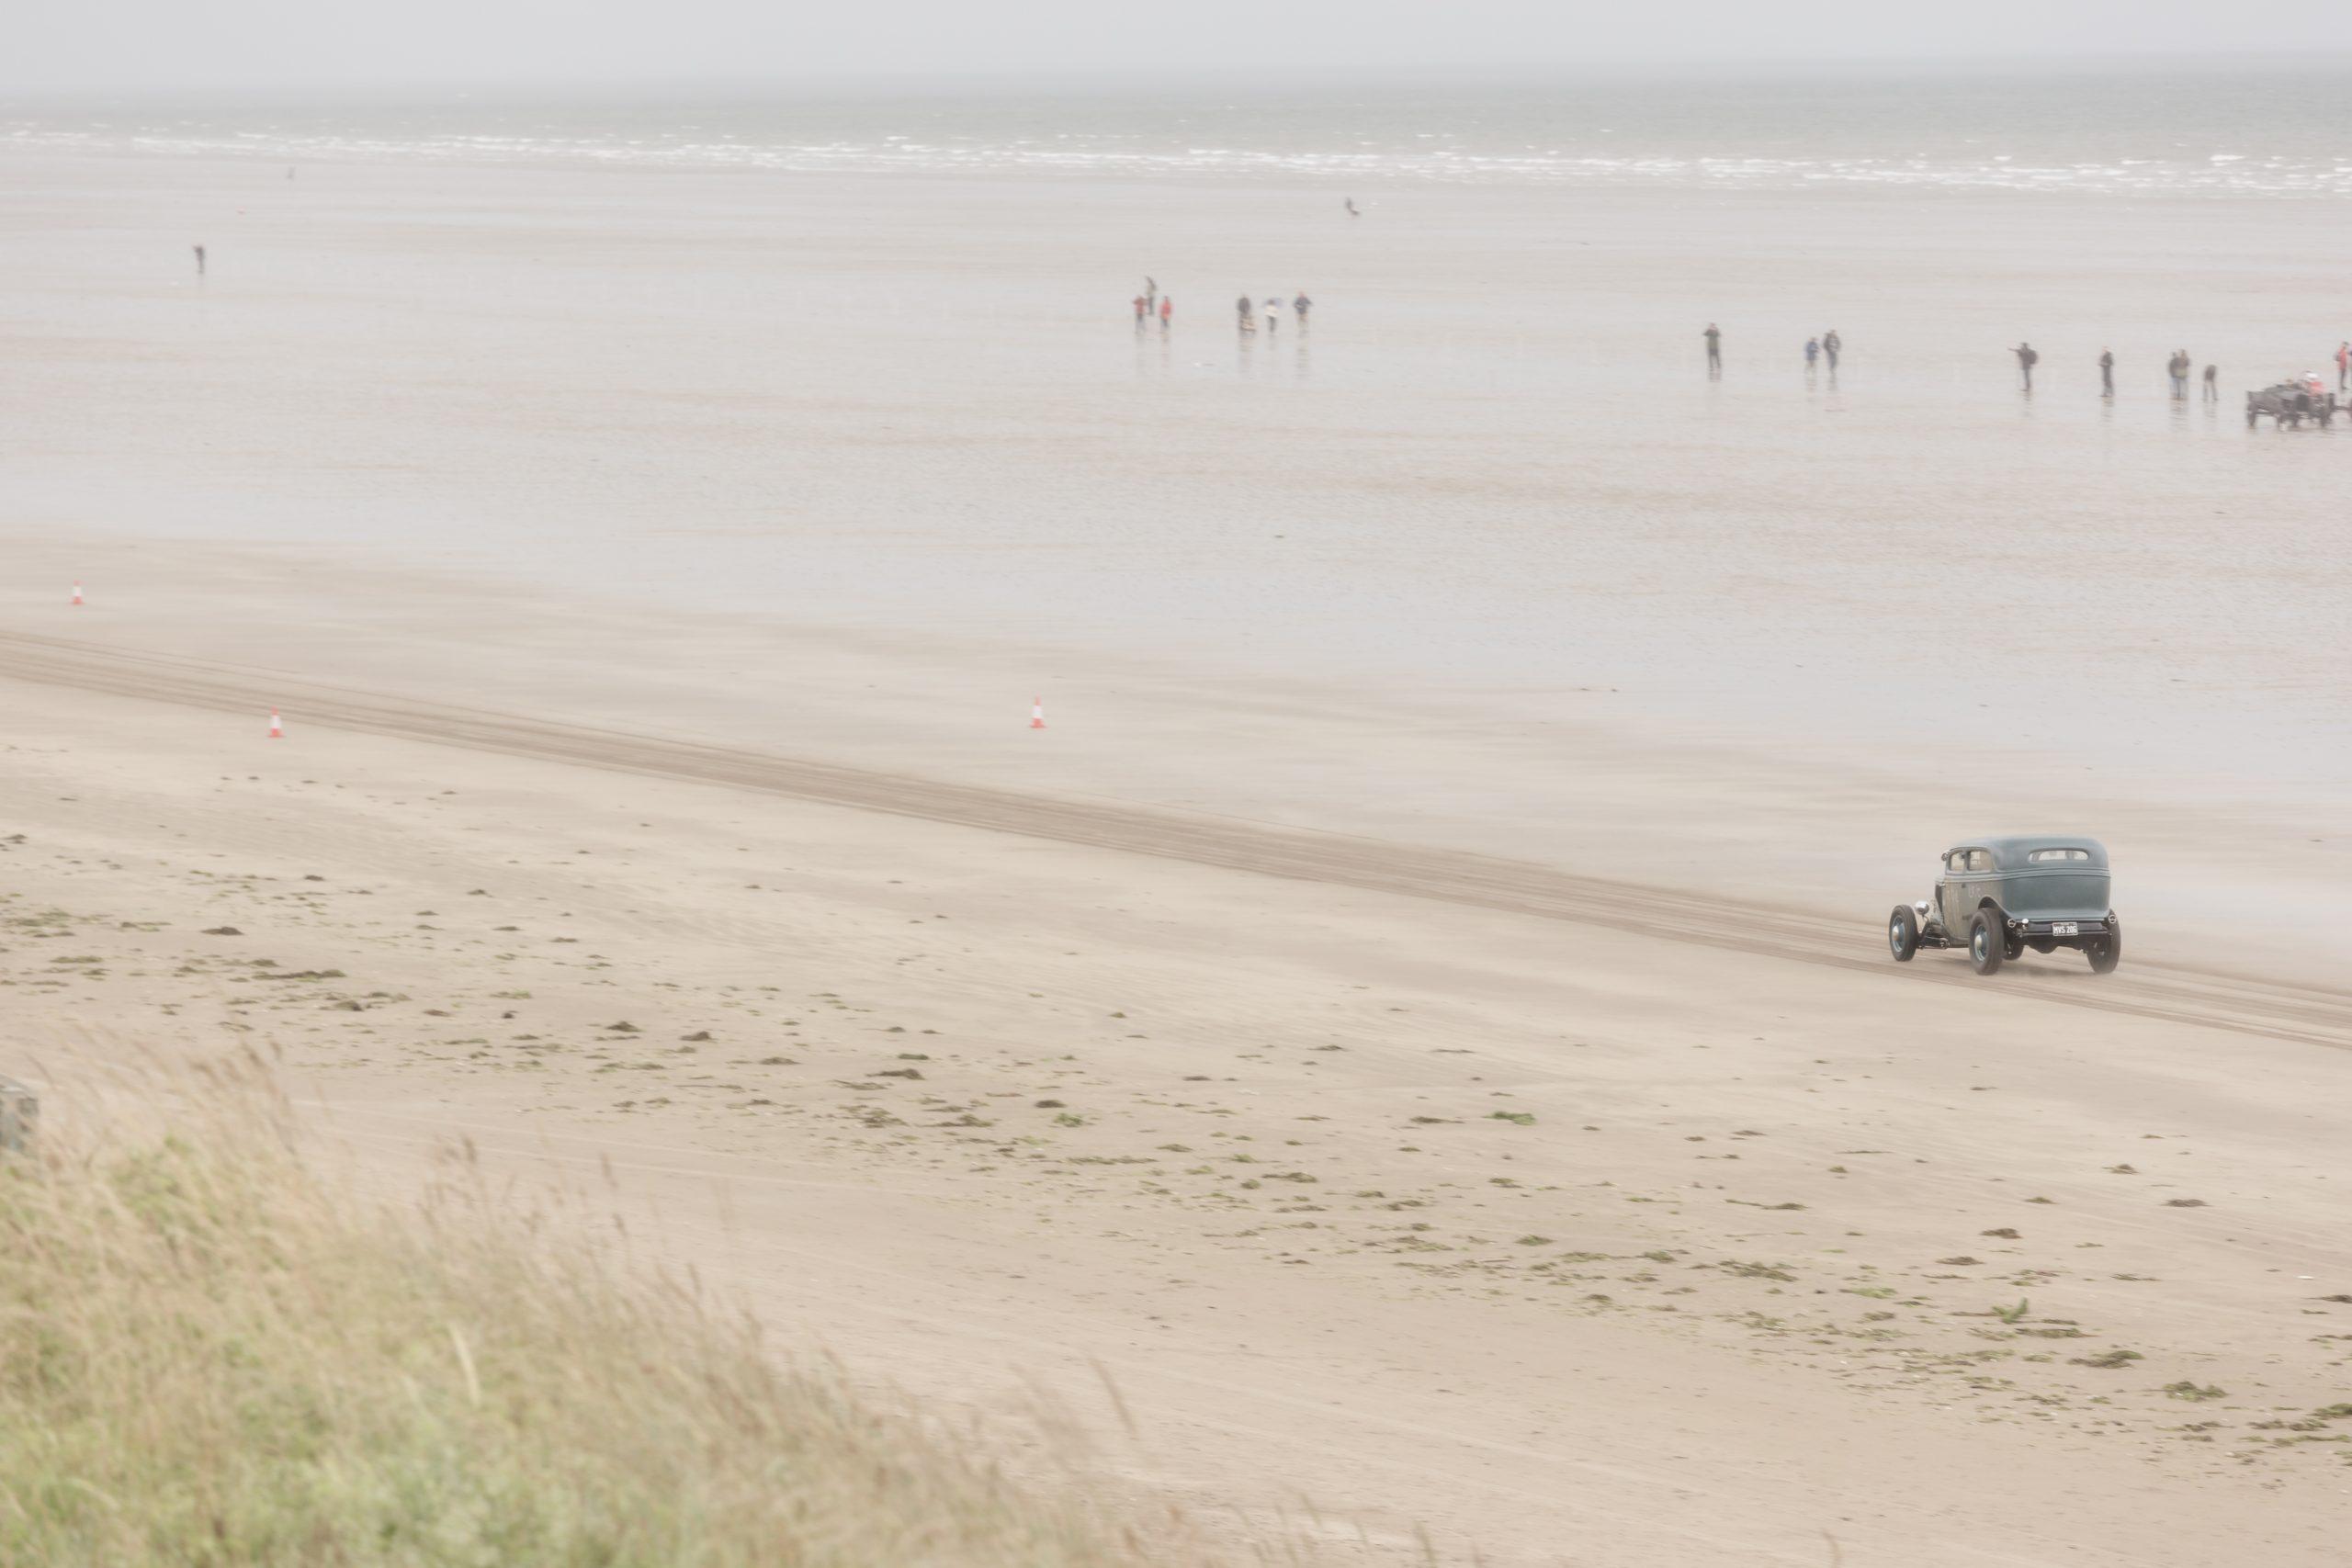 Pendine Sands hot rod racing action